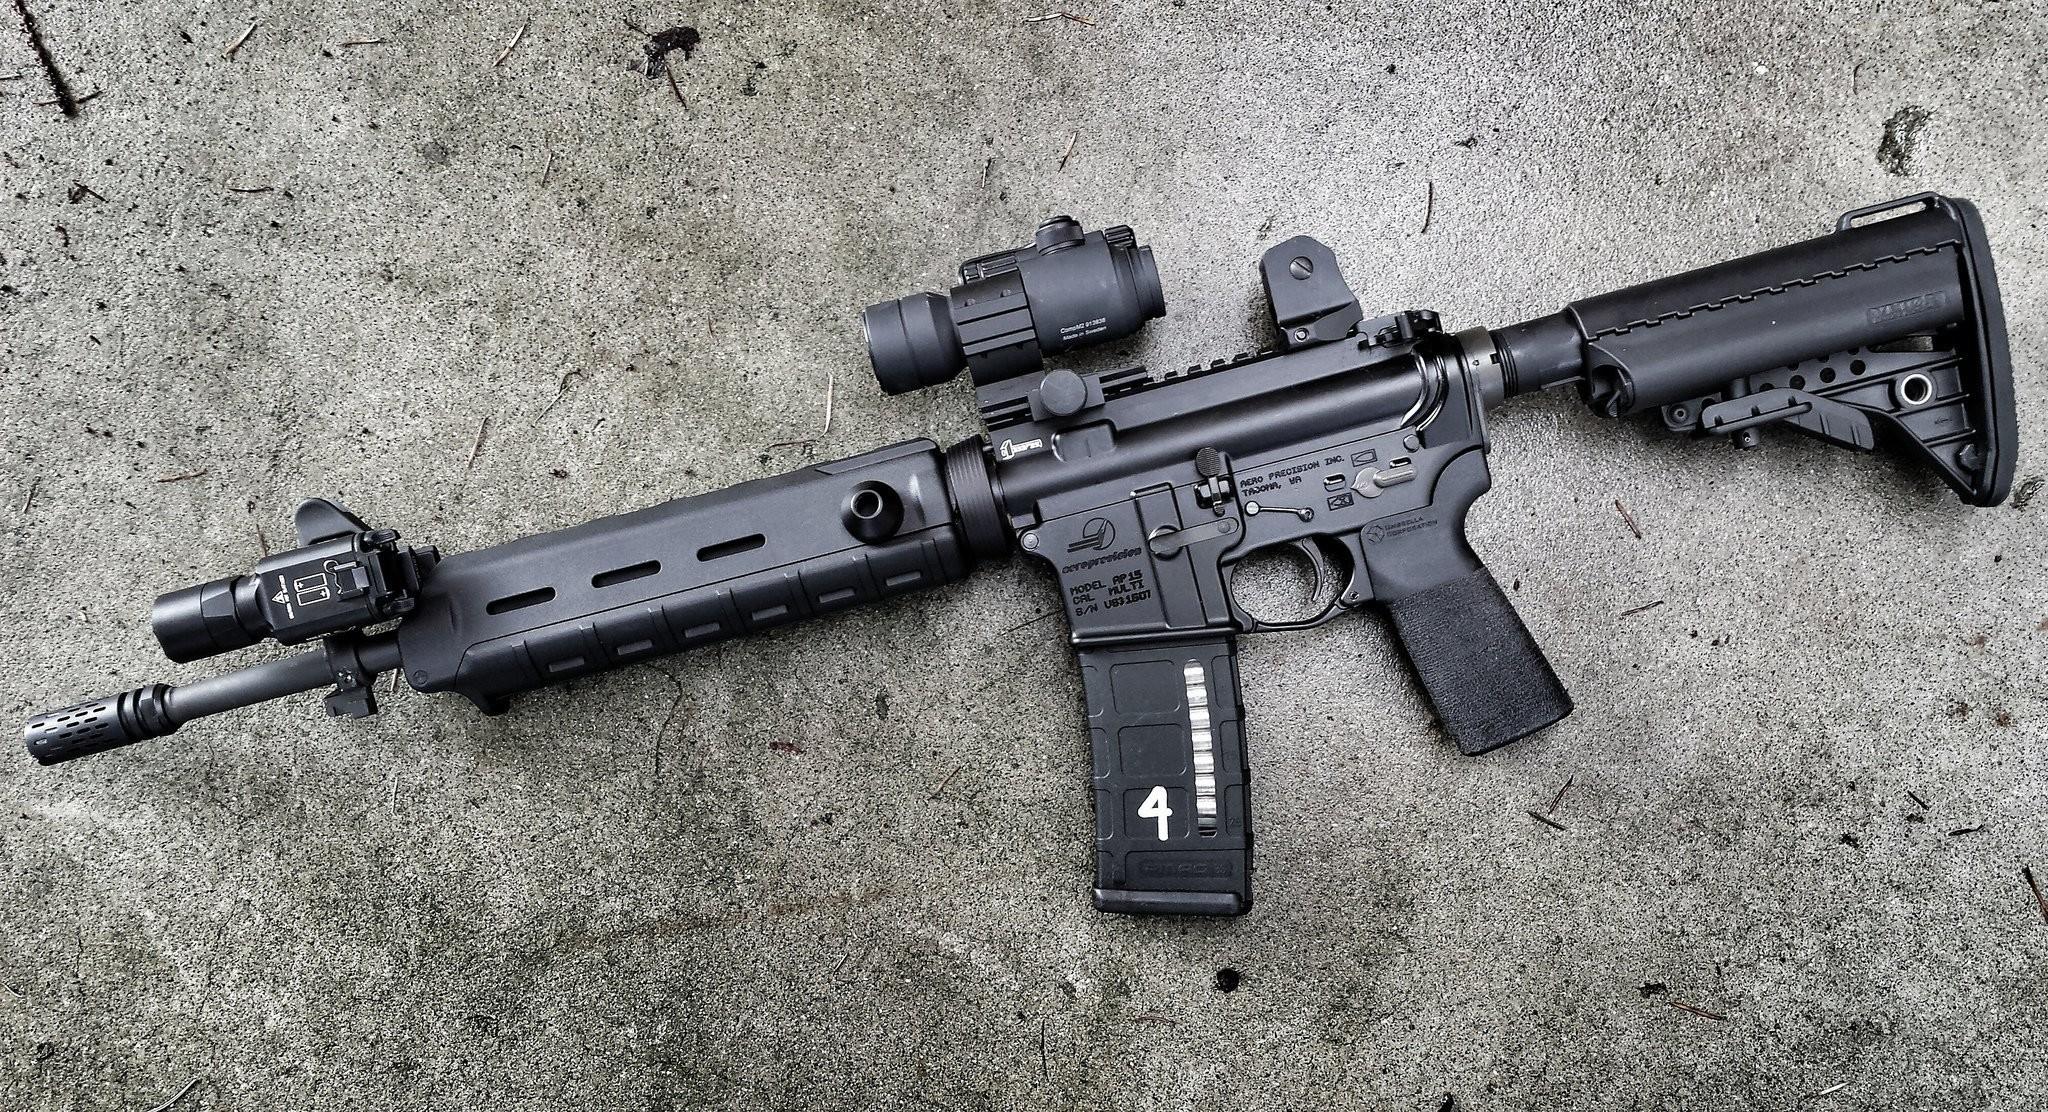 ar-15 assault rifle assault rifle background